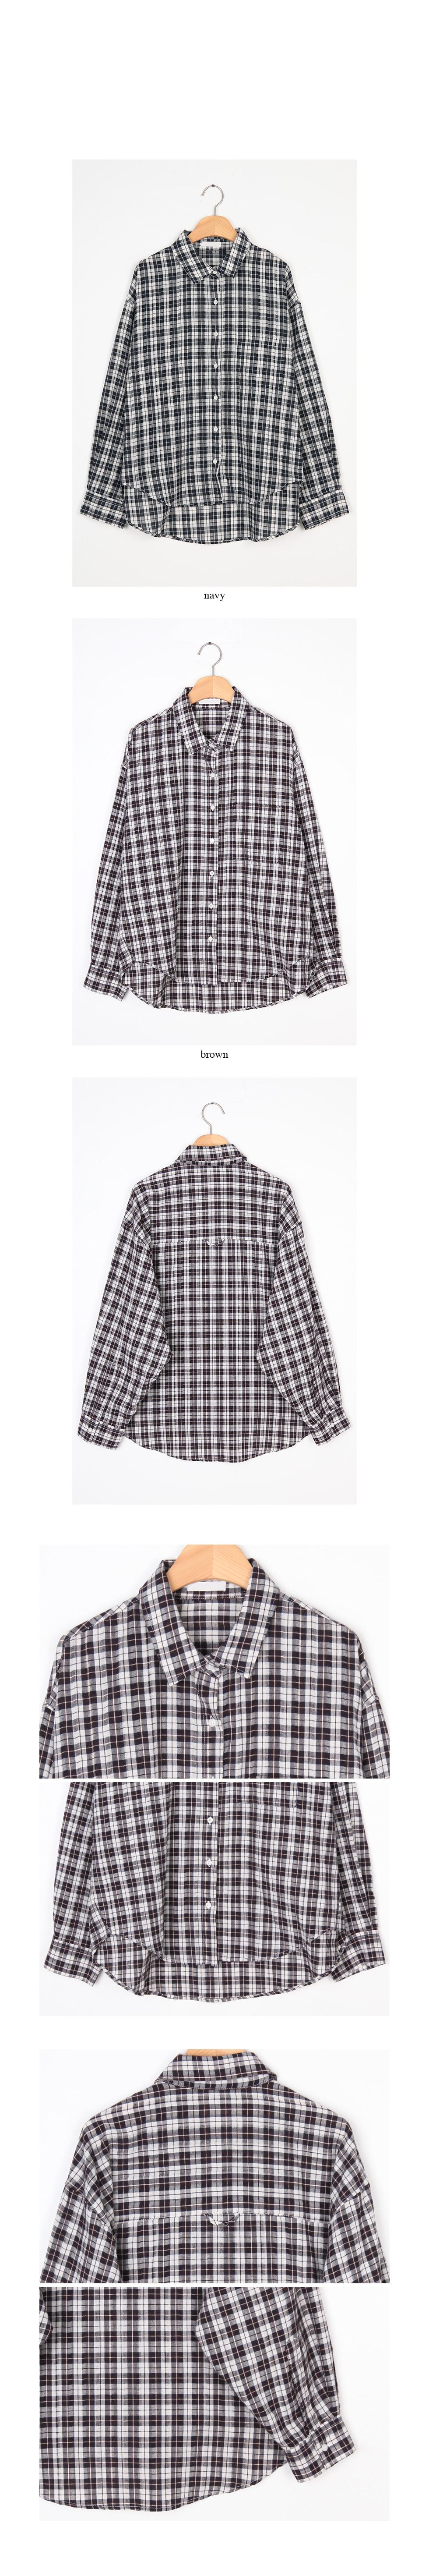 cozy boy check shirts